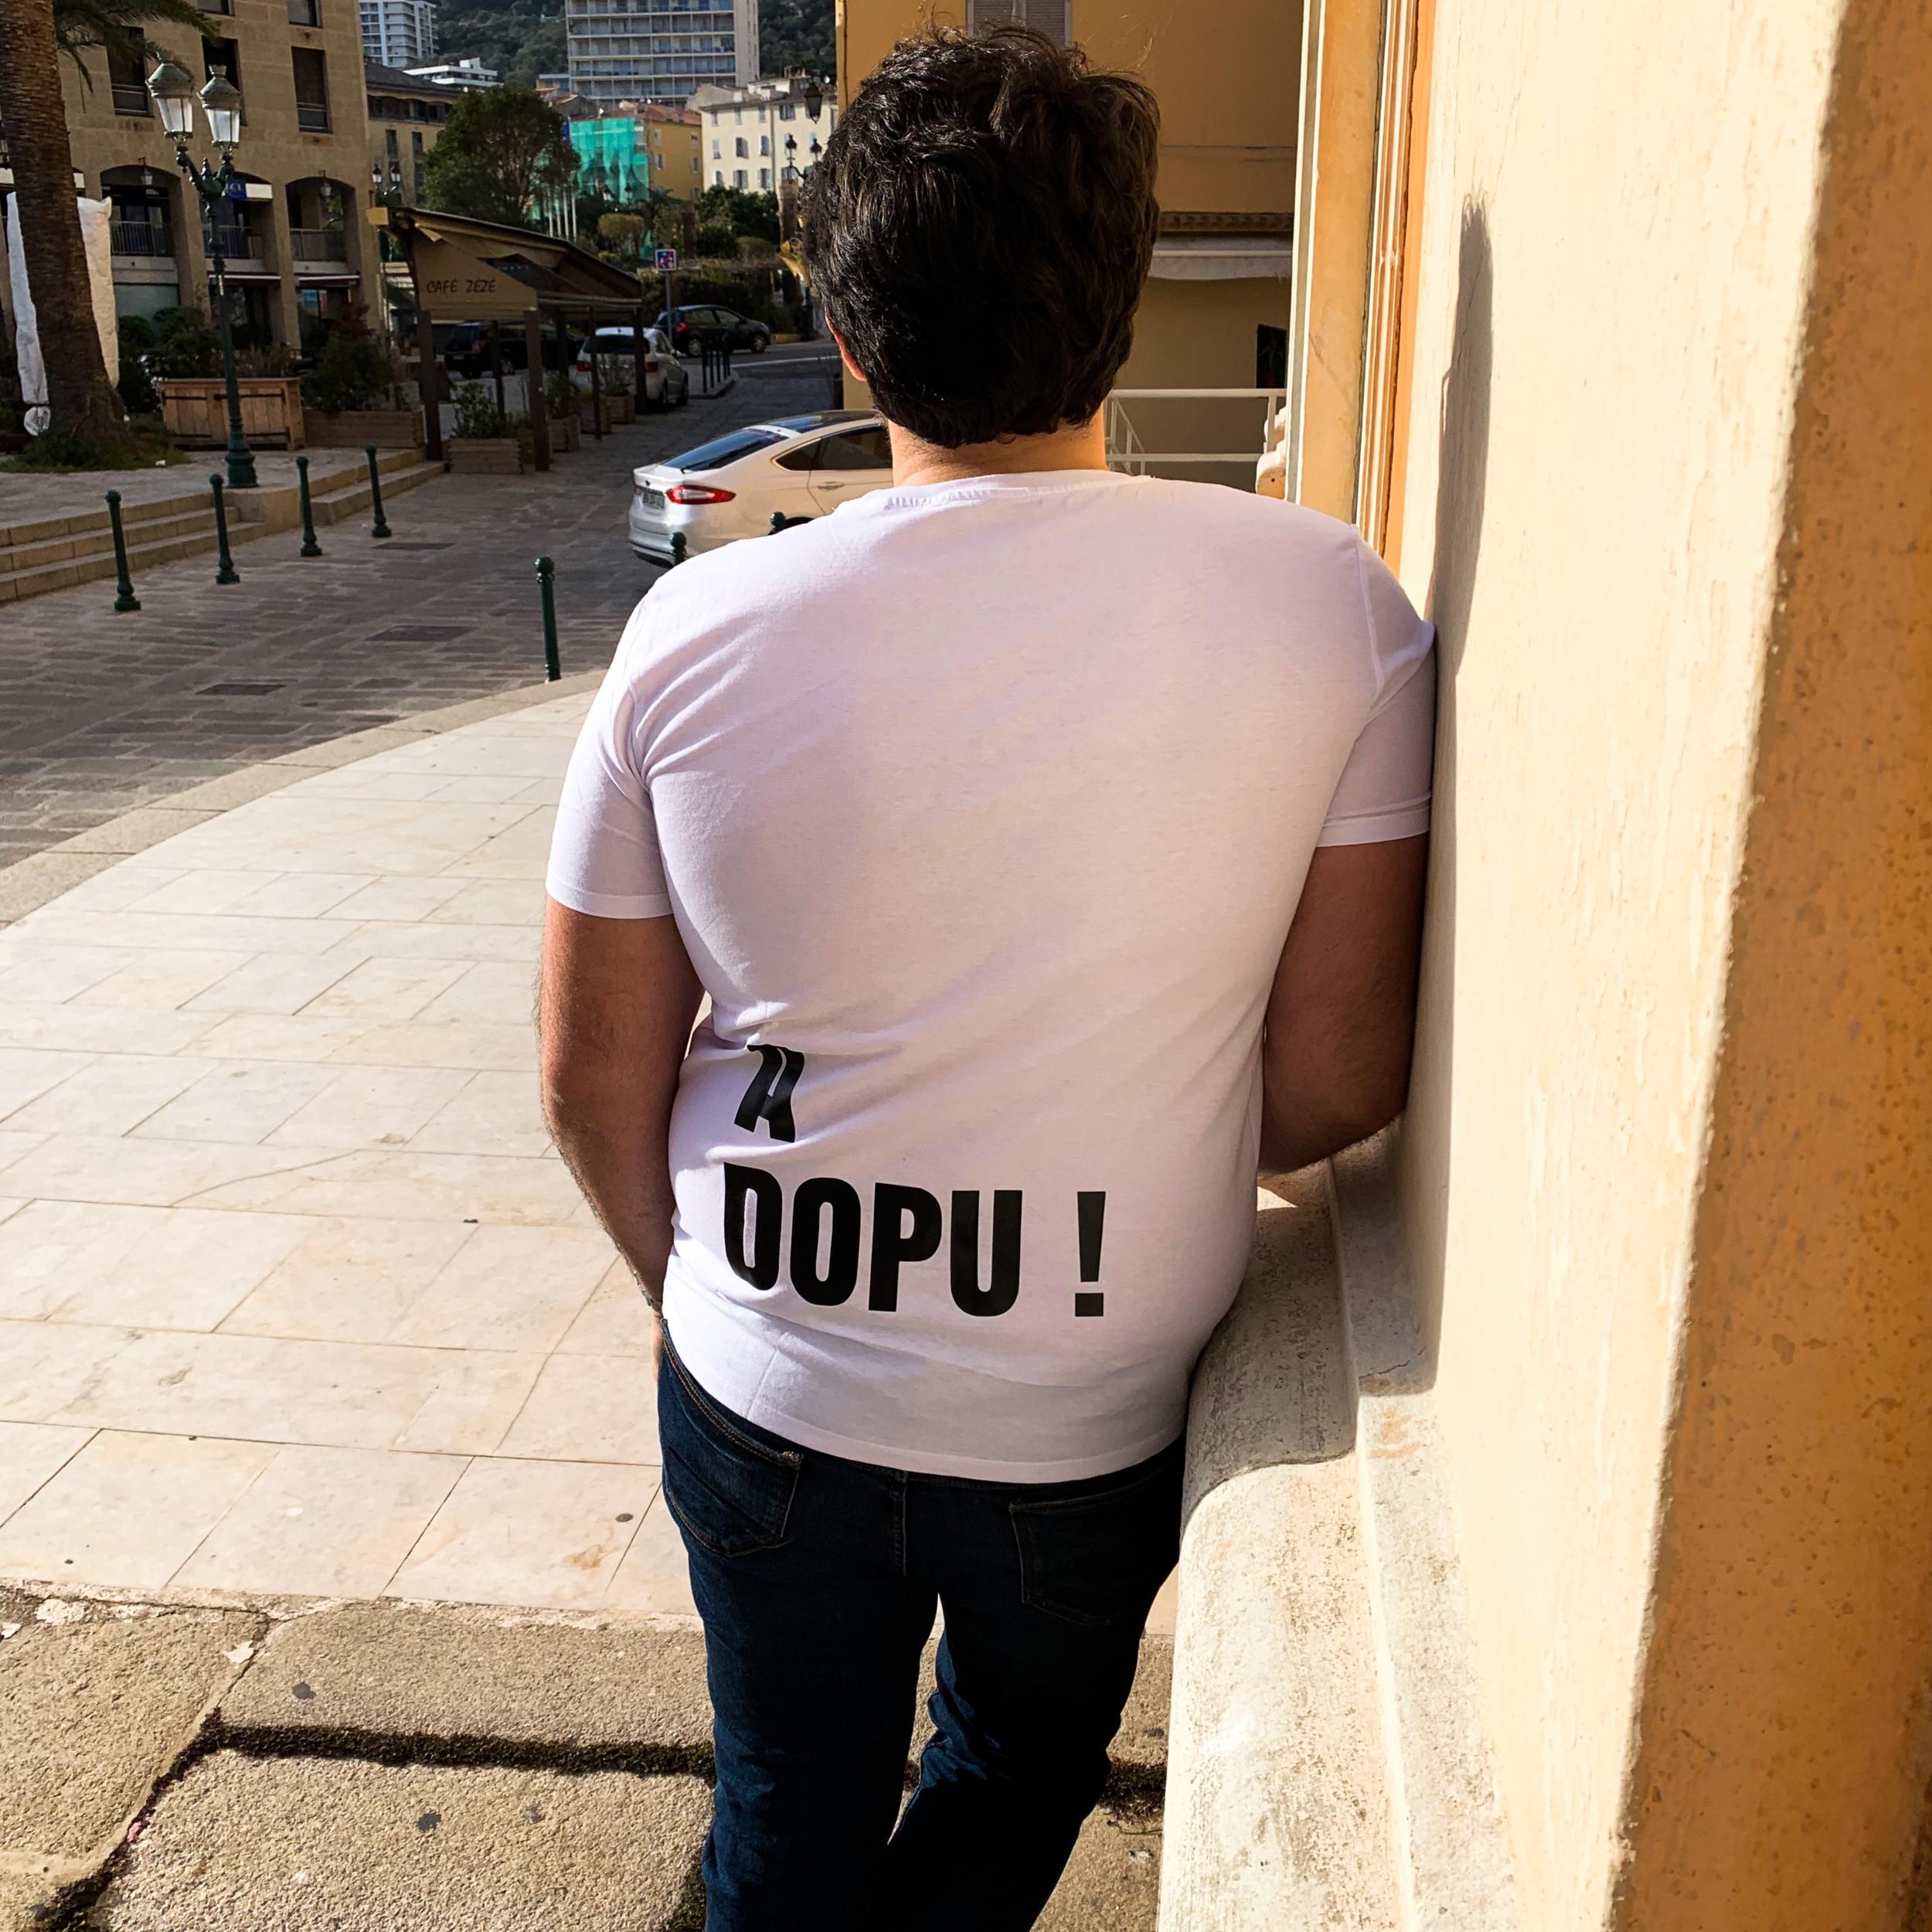 A DOPU !